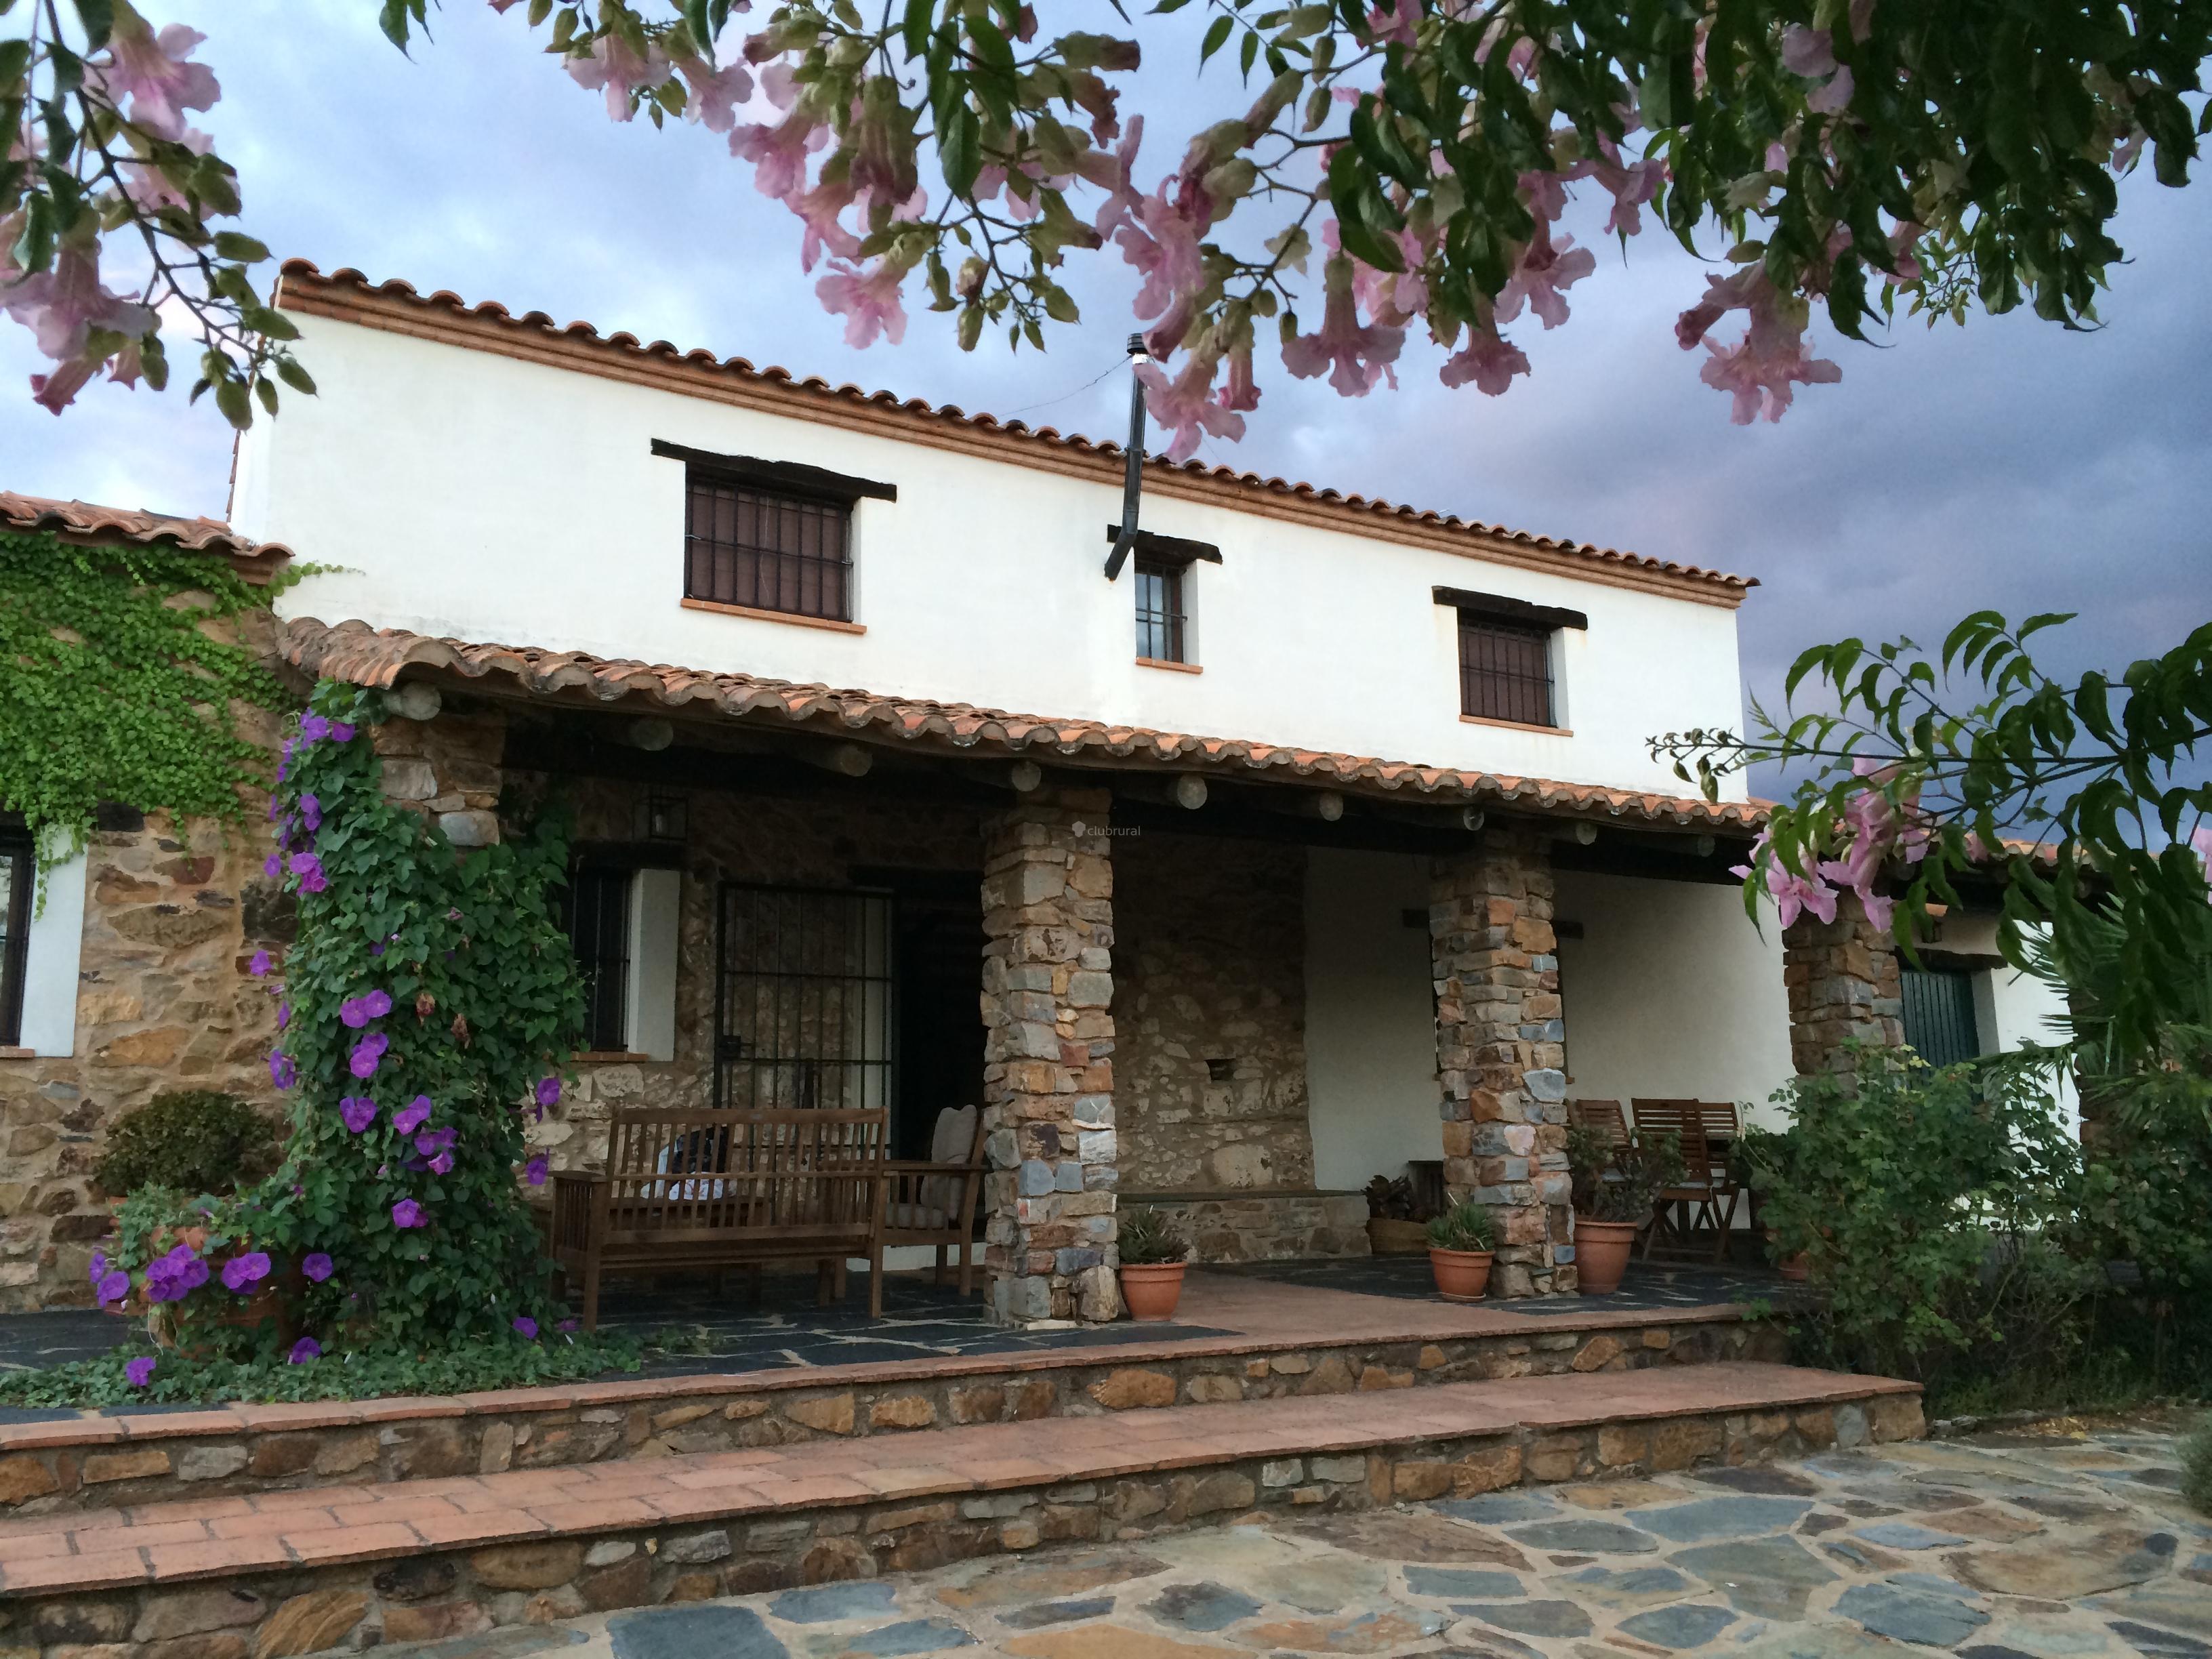 Fotos de la casa del alto badajoz san vicente de - Casa rural san vicente de alcantara ...